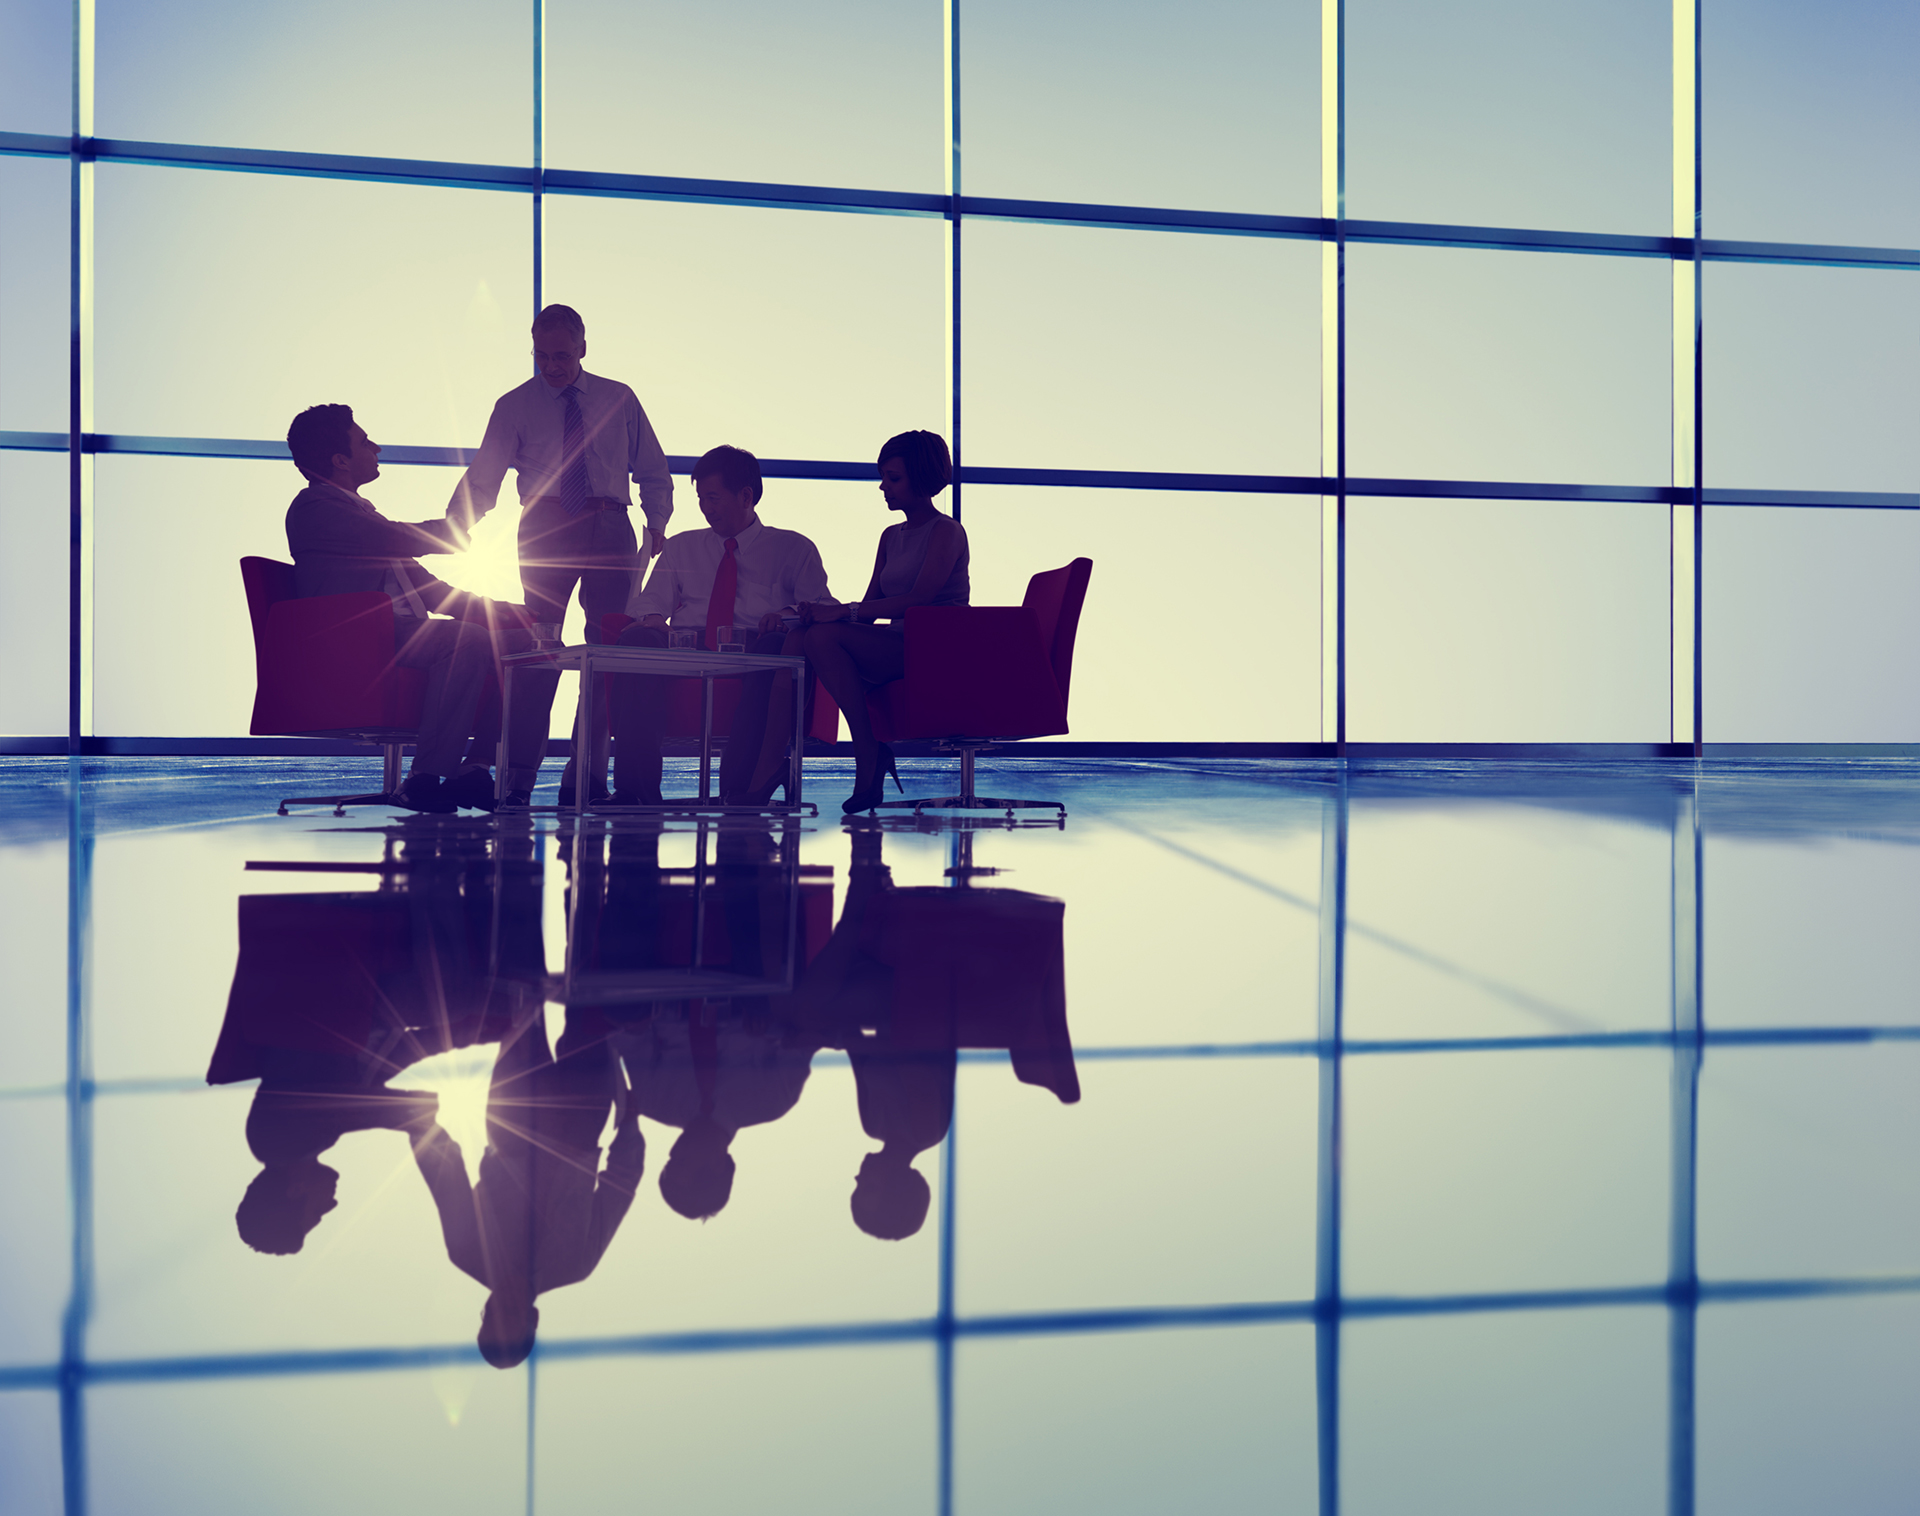 6d46c421eaa84c6e96bb68e6eab29873 Cómo entender los tipos de liderazgo